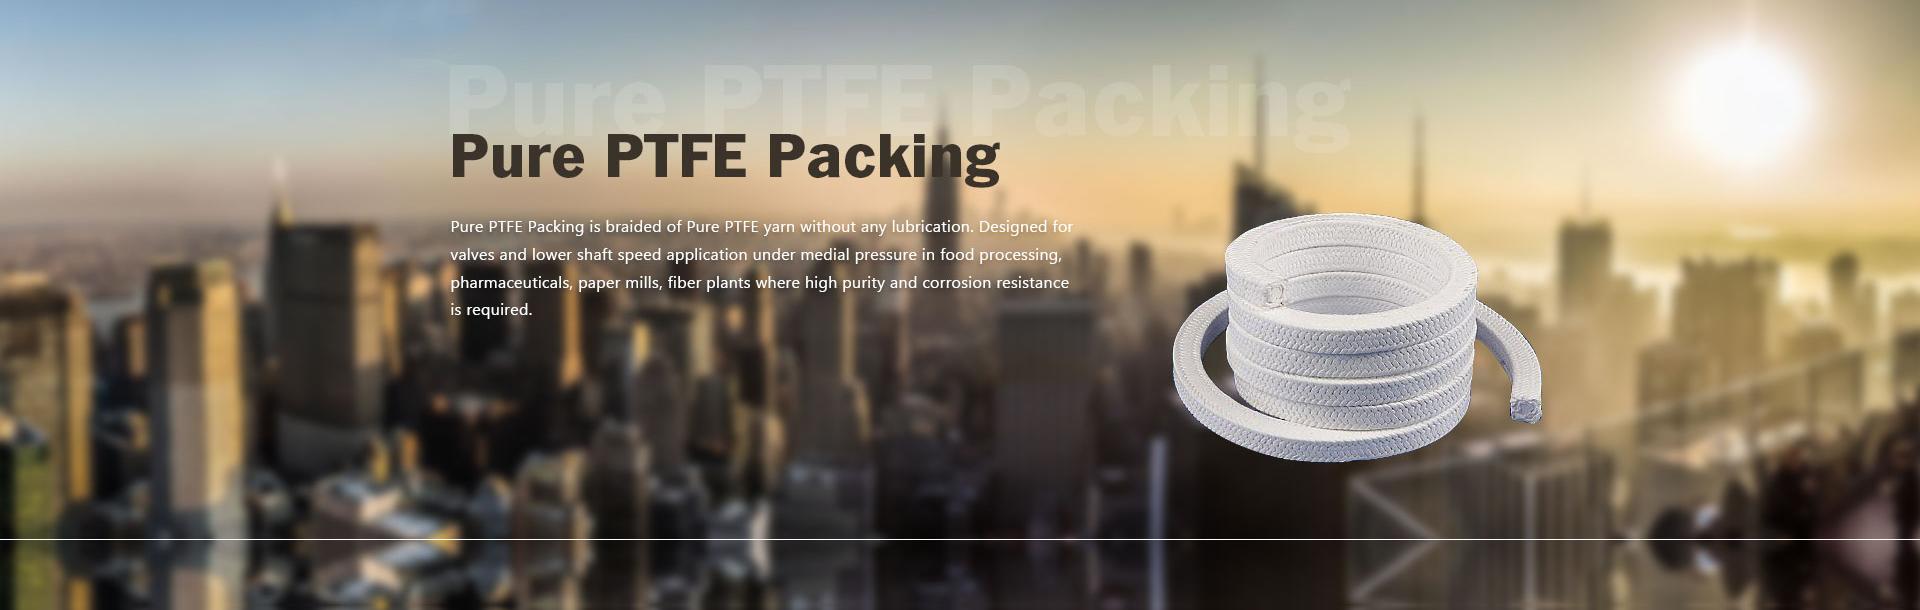 Embalatge de PTFE